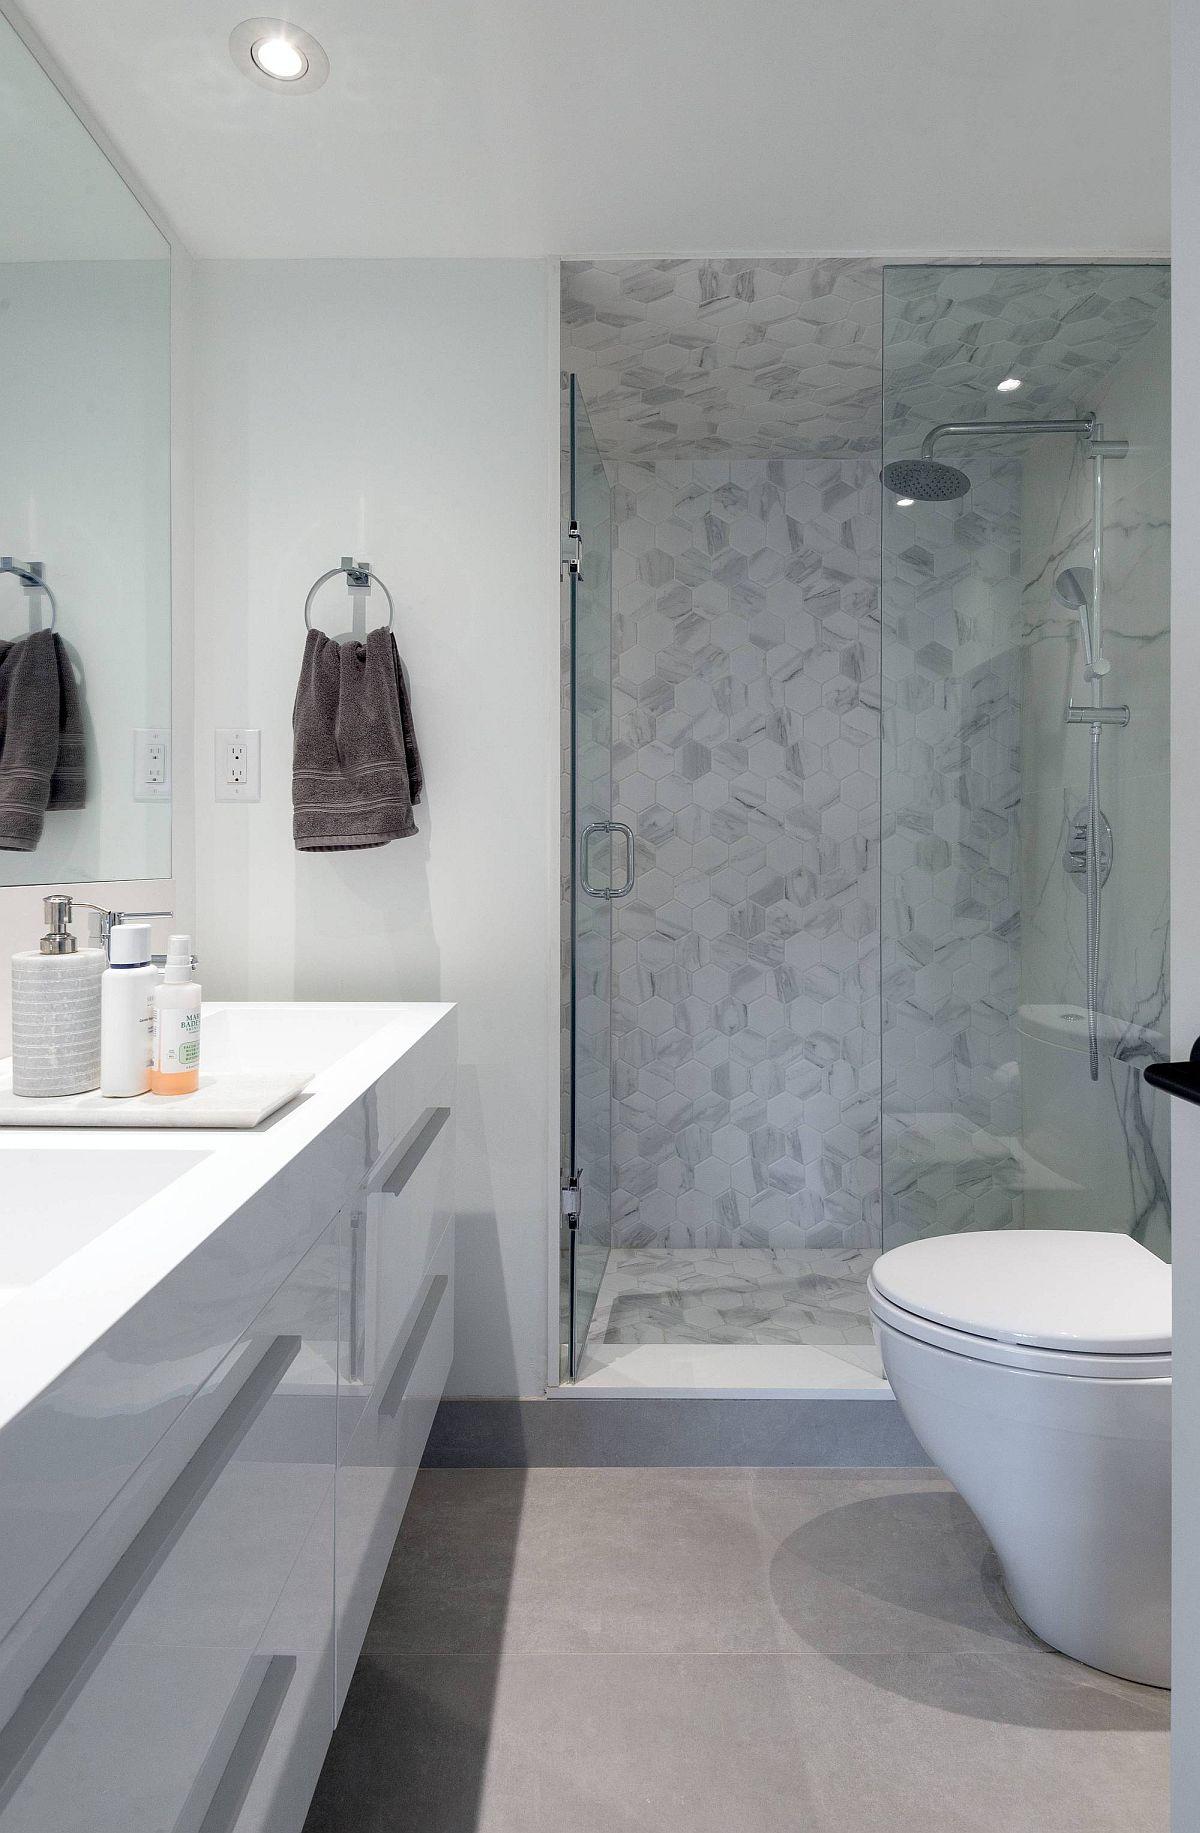 Salle de bain contemporaine polie de Toronto Home en blanc et gris